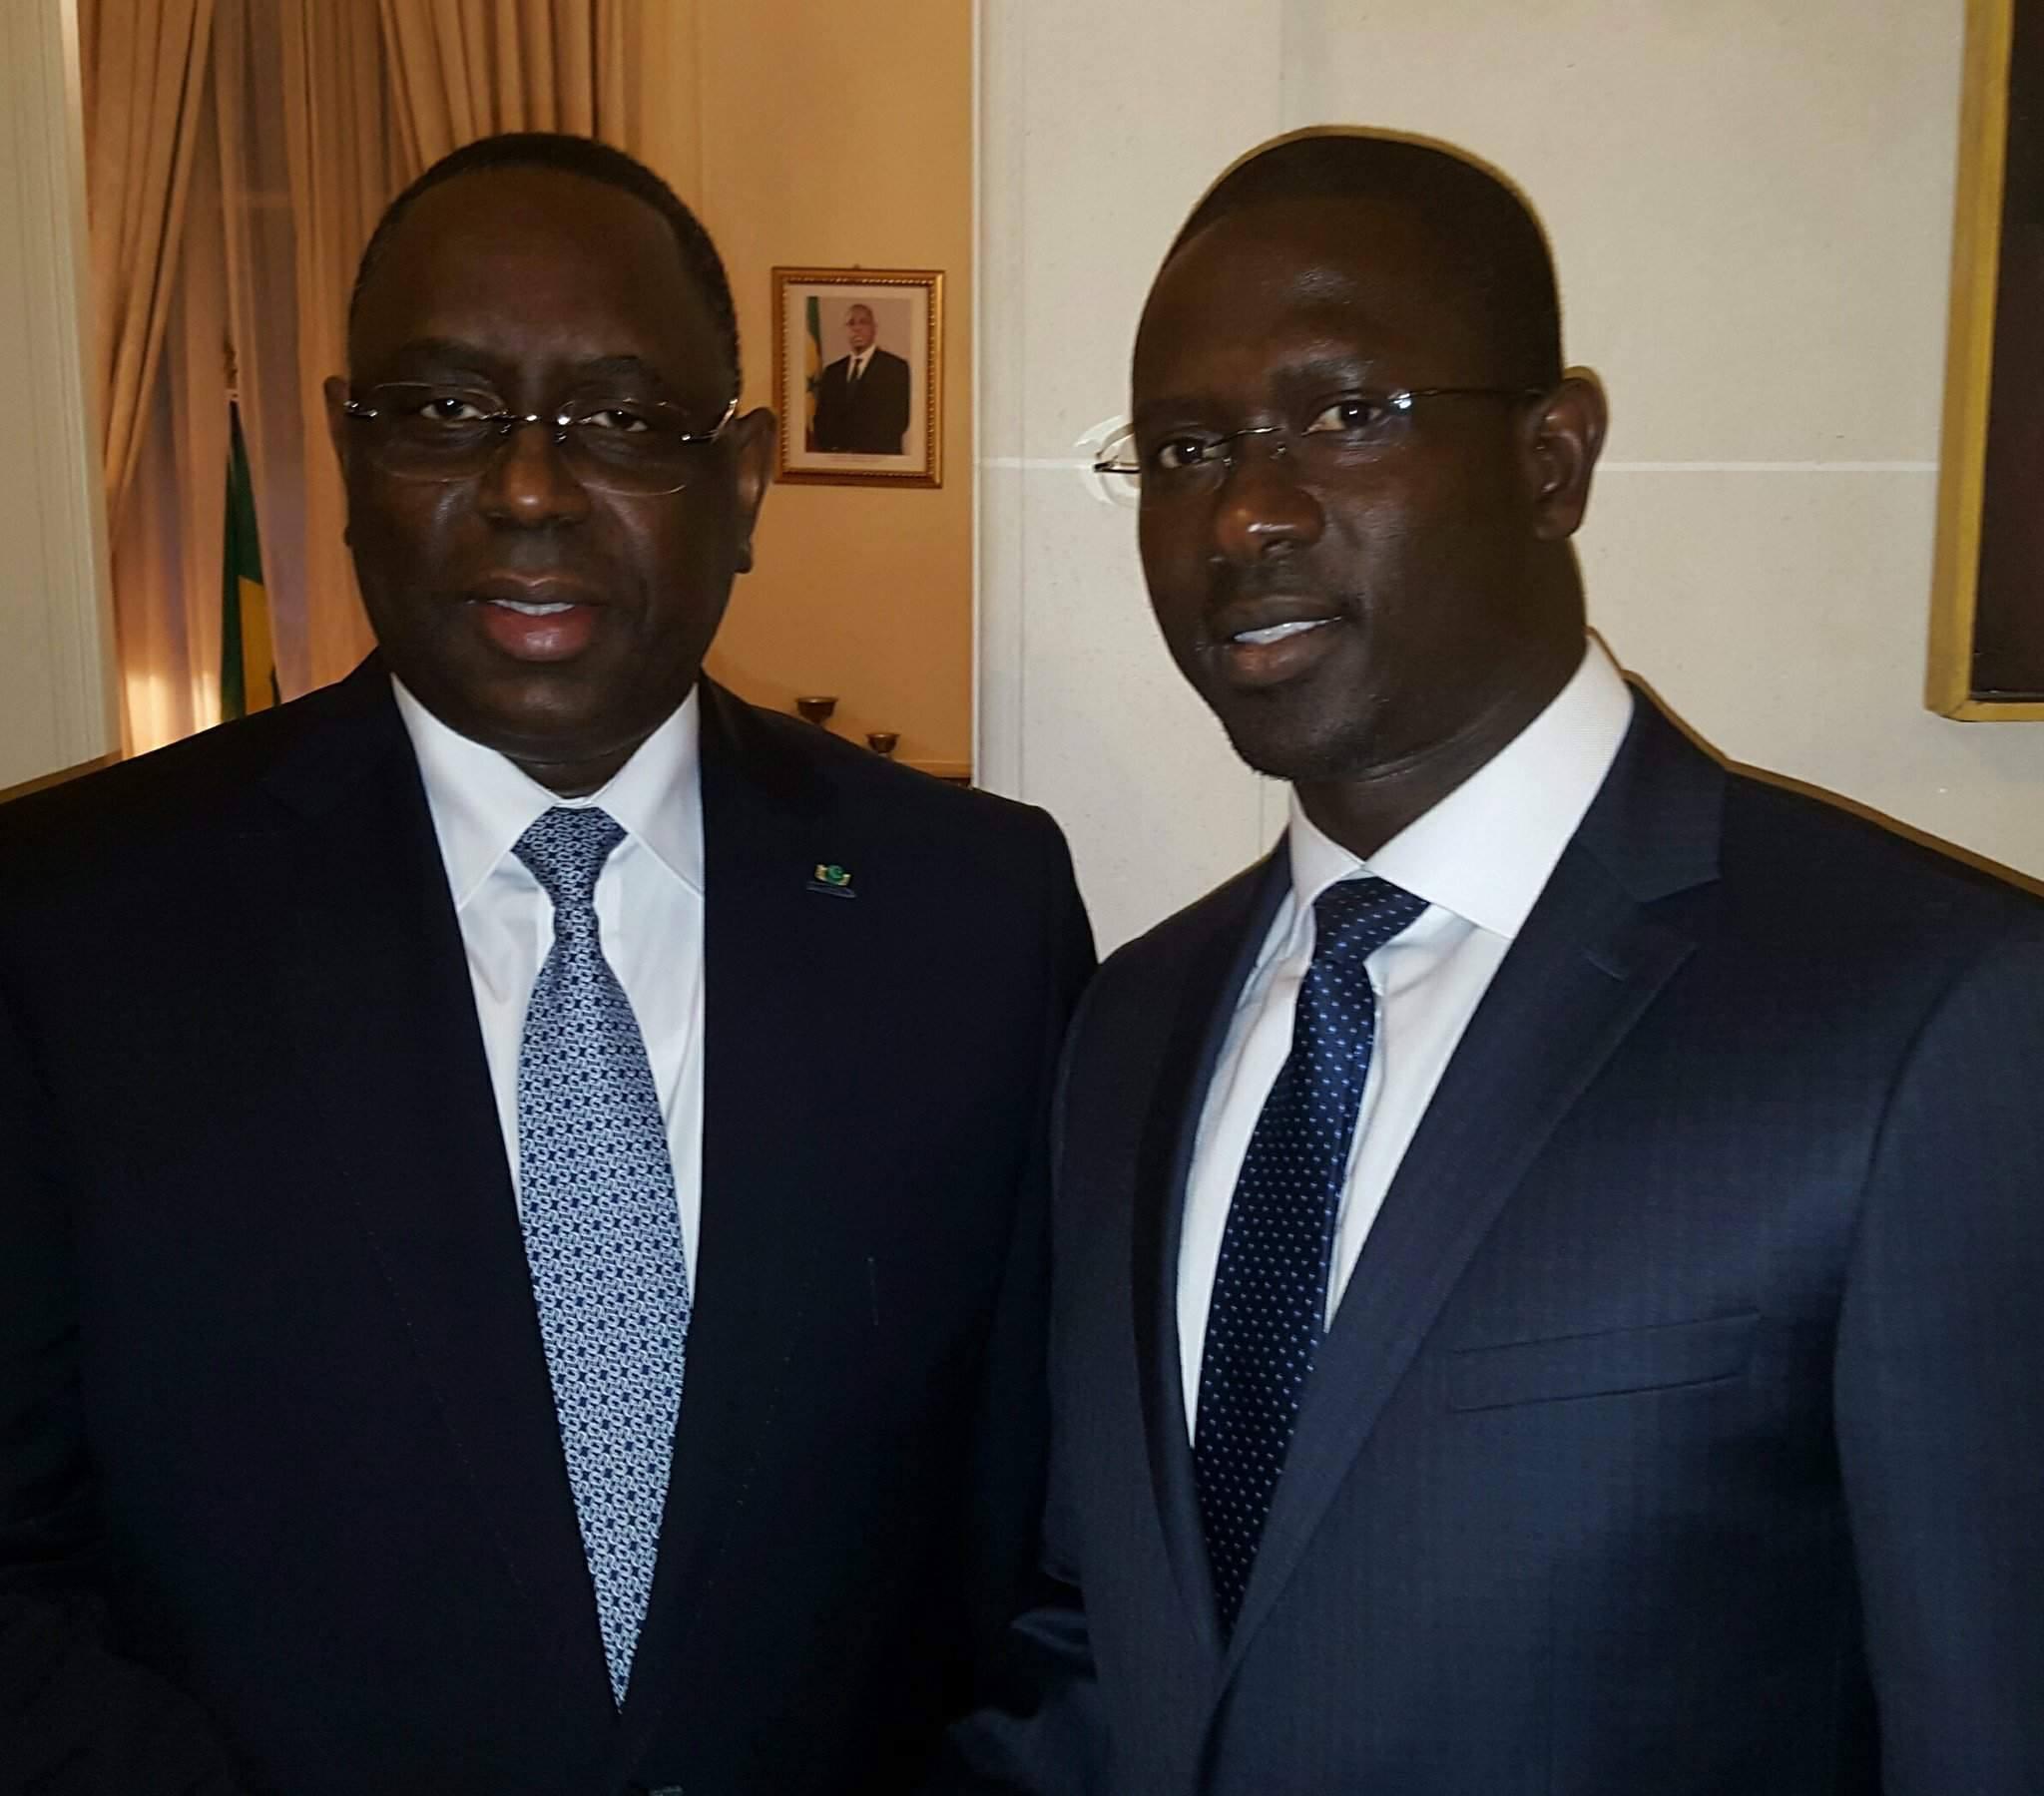 Nommé Secrétaire d'Etat chargé des sénégalais de l'extérieur : Moise Sarr remercie le président et rend hommage à la Diaspora